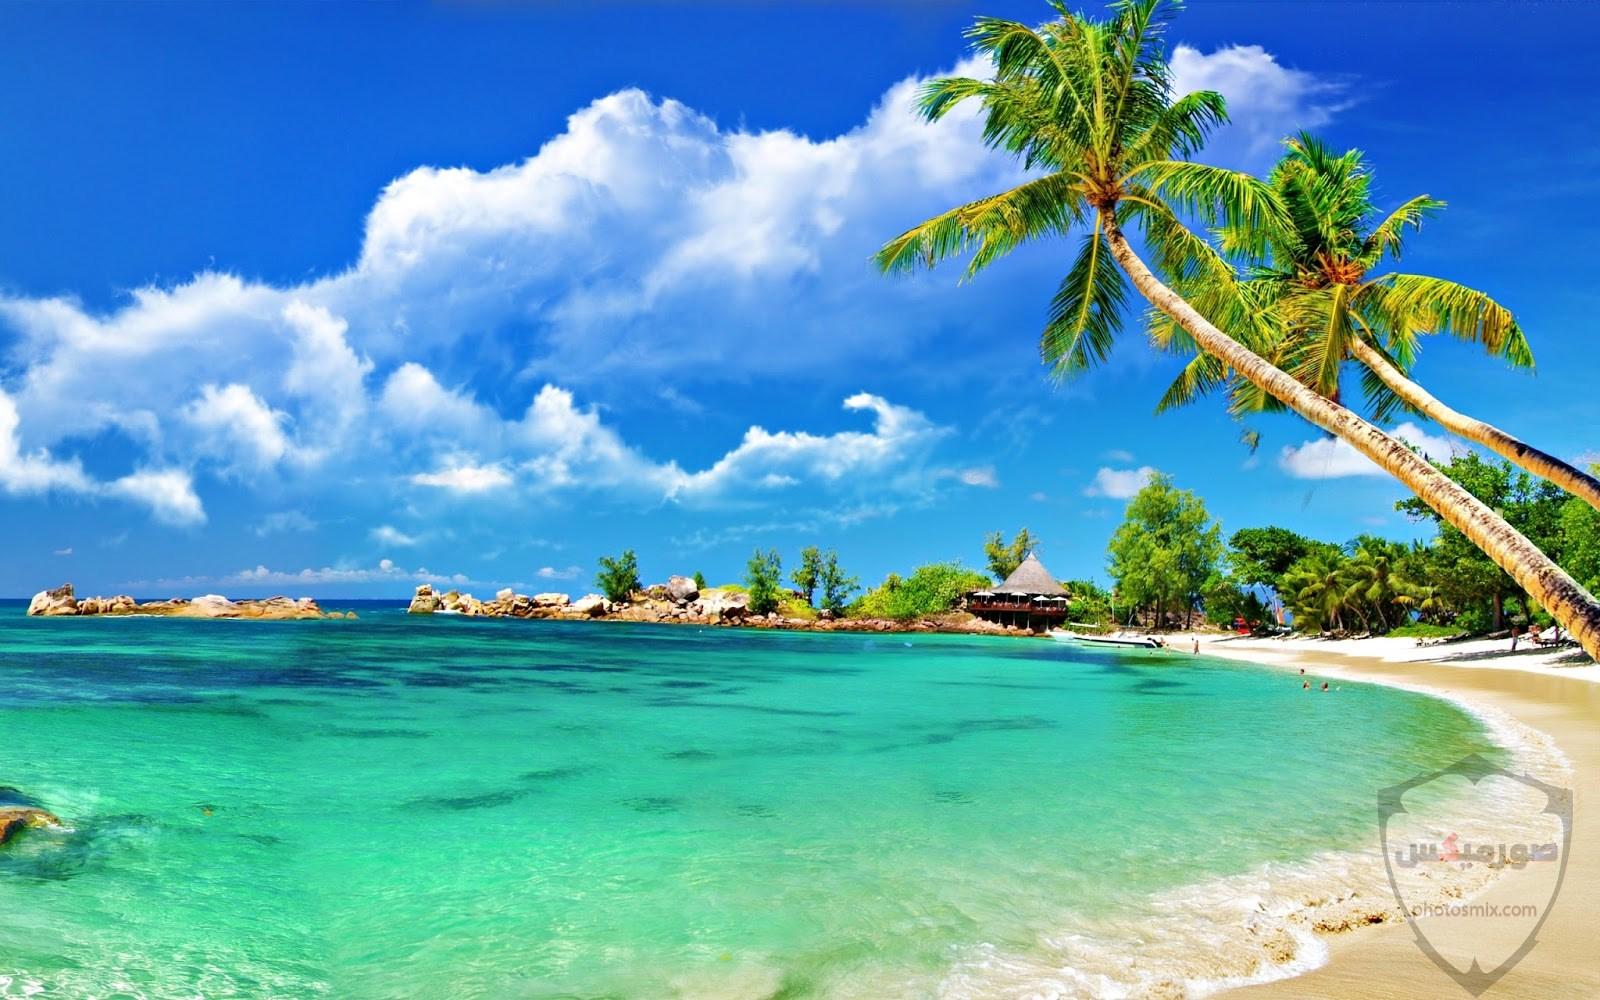 صور بحر وشواطئ HD اجمل خلفيات بحار وشواطئ في العالم 2